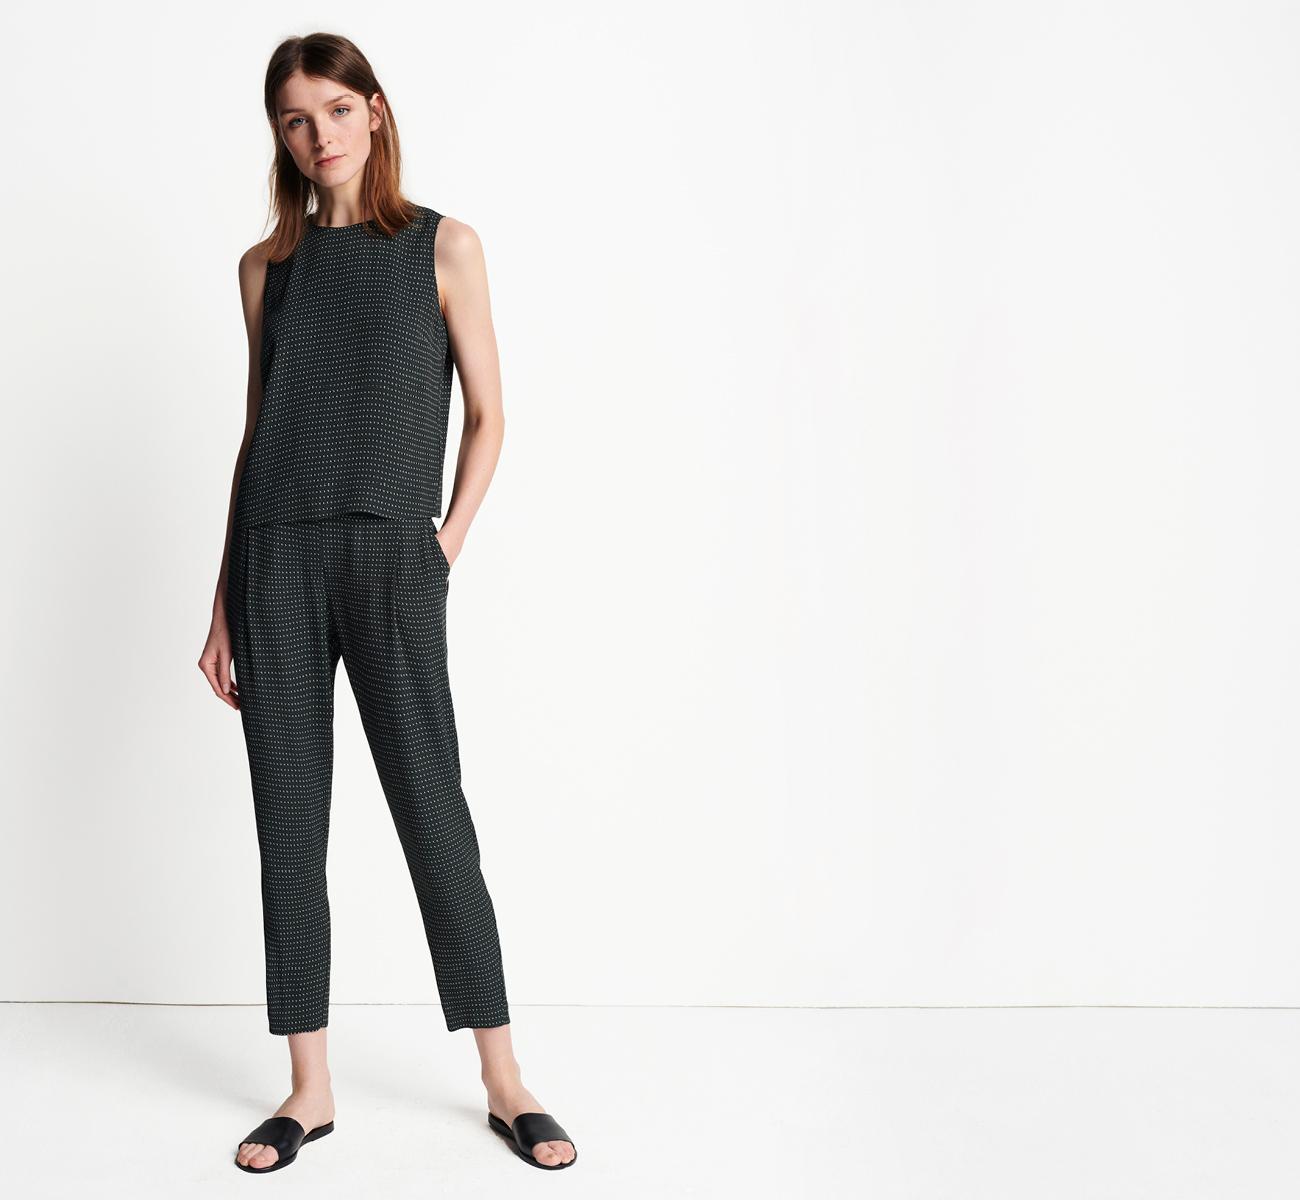 anspruchsvolle mode und accessoires im someday online shop jetzt kleidung online kaufen. Black Bedroom Furniture Sets. Home Design Ideas